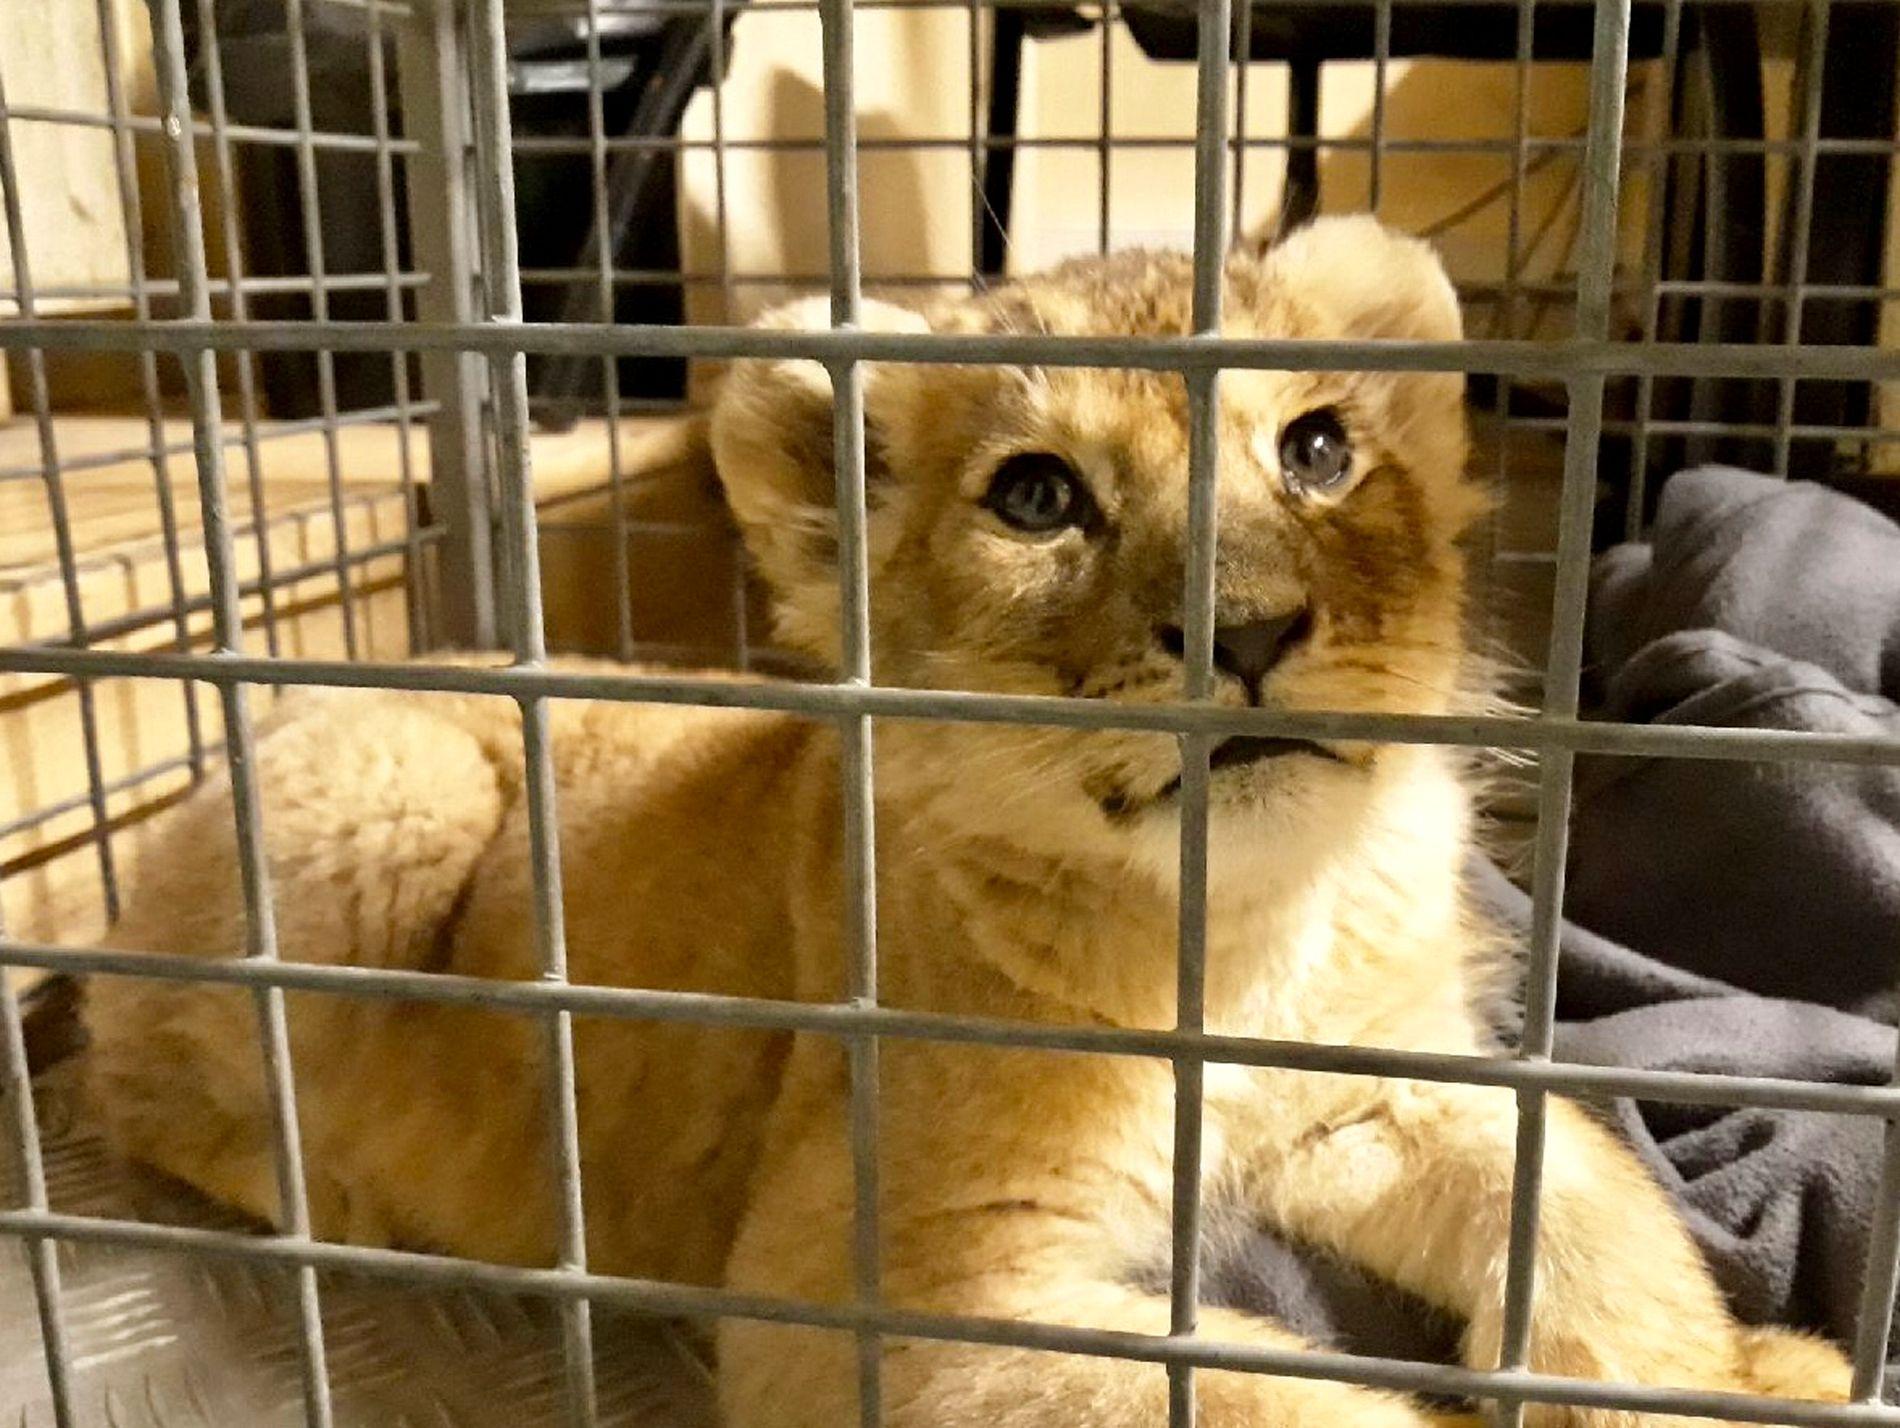 REDDET: Denne løveungen ble funnet i en Lamborghini i Paris mandag, ifølge en fransk dyrevernorganisasjon.